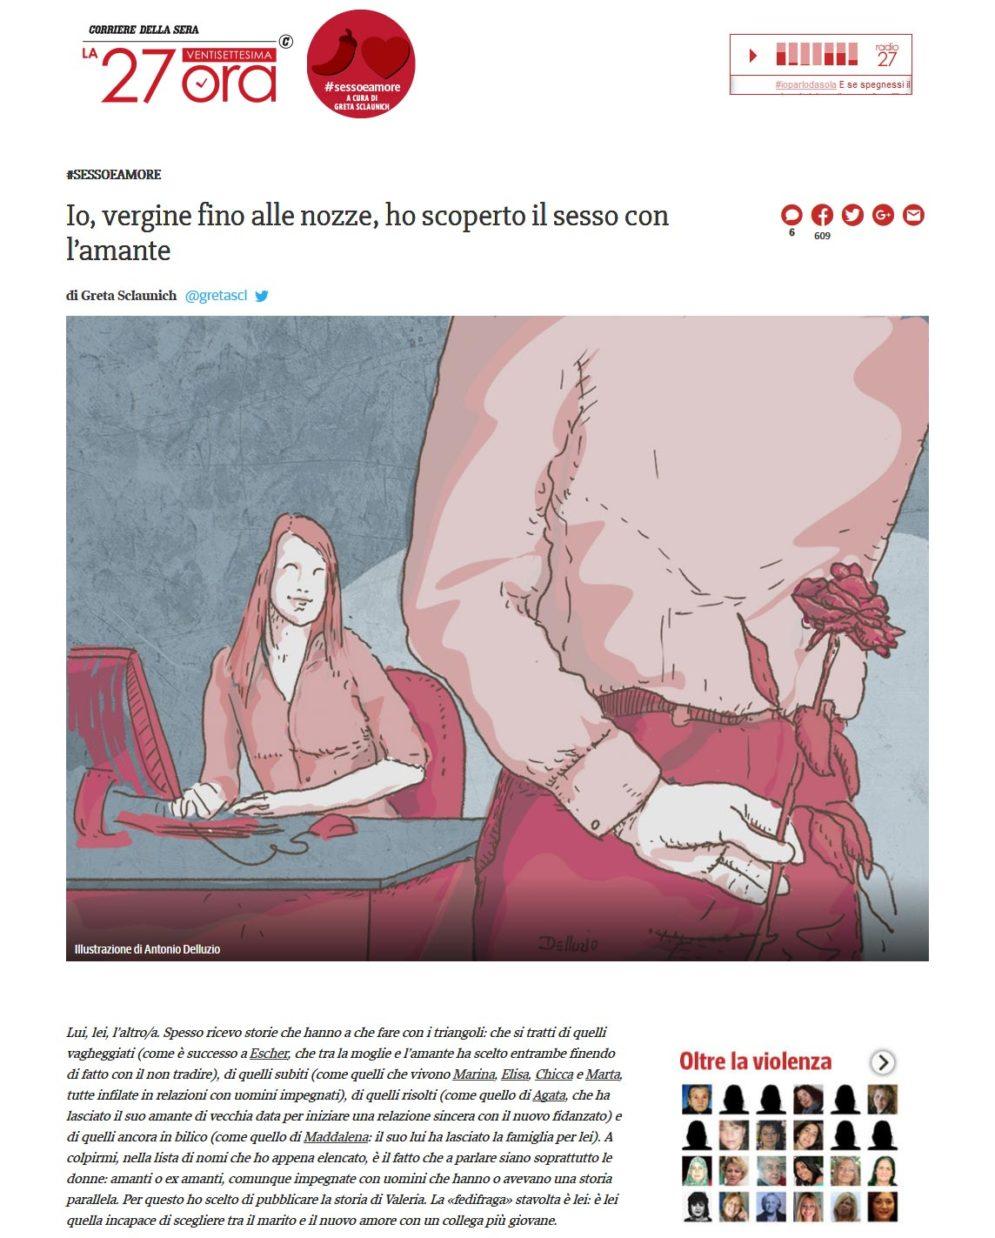 http://27esimaora.corriere.it/sessoeamore/17_novembre_07/io-vergine-fino-nozze-ho-scoperto-sesso-l-amante-393934b4-c3b1-11e7-8679-22cd098c4574.shtml